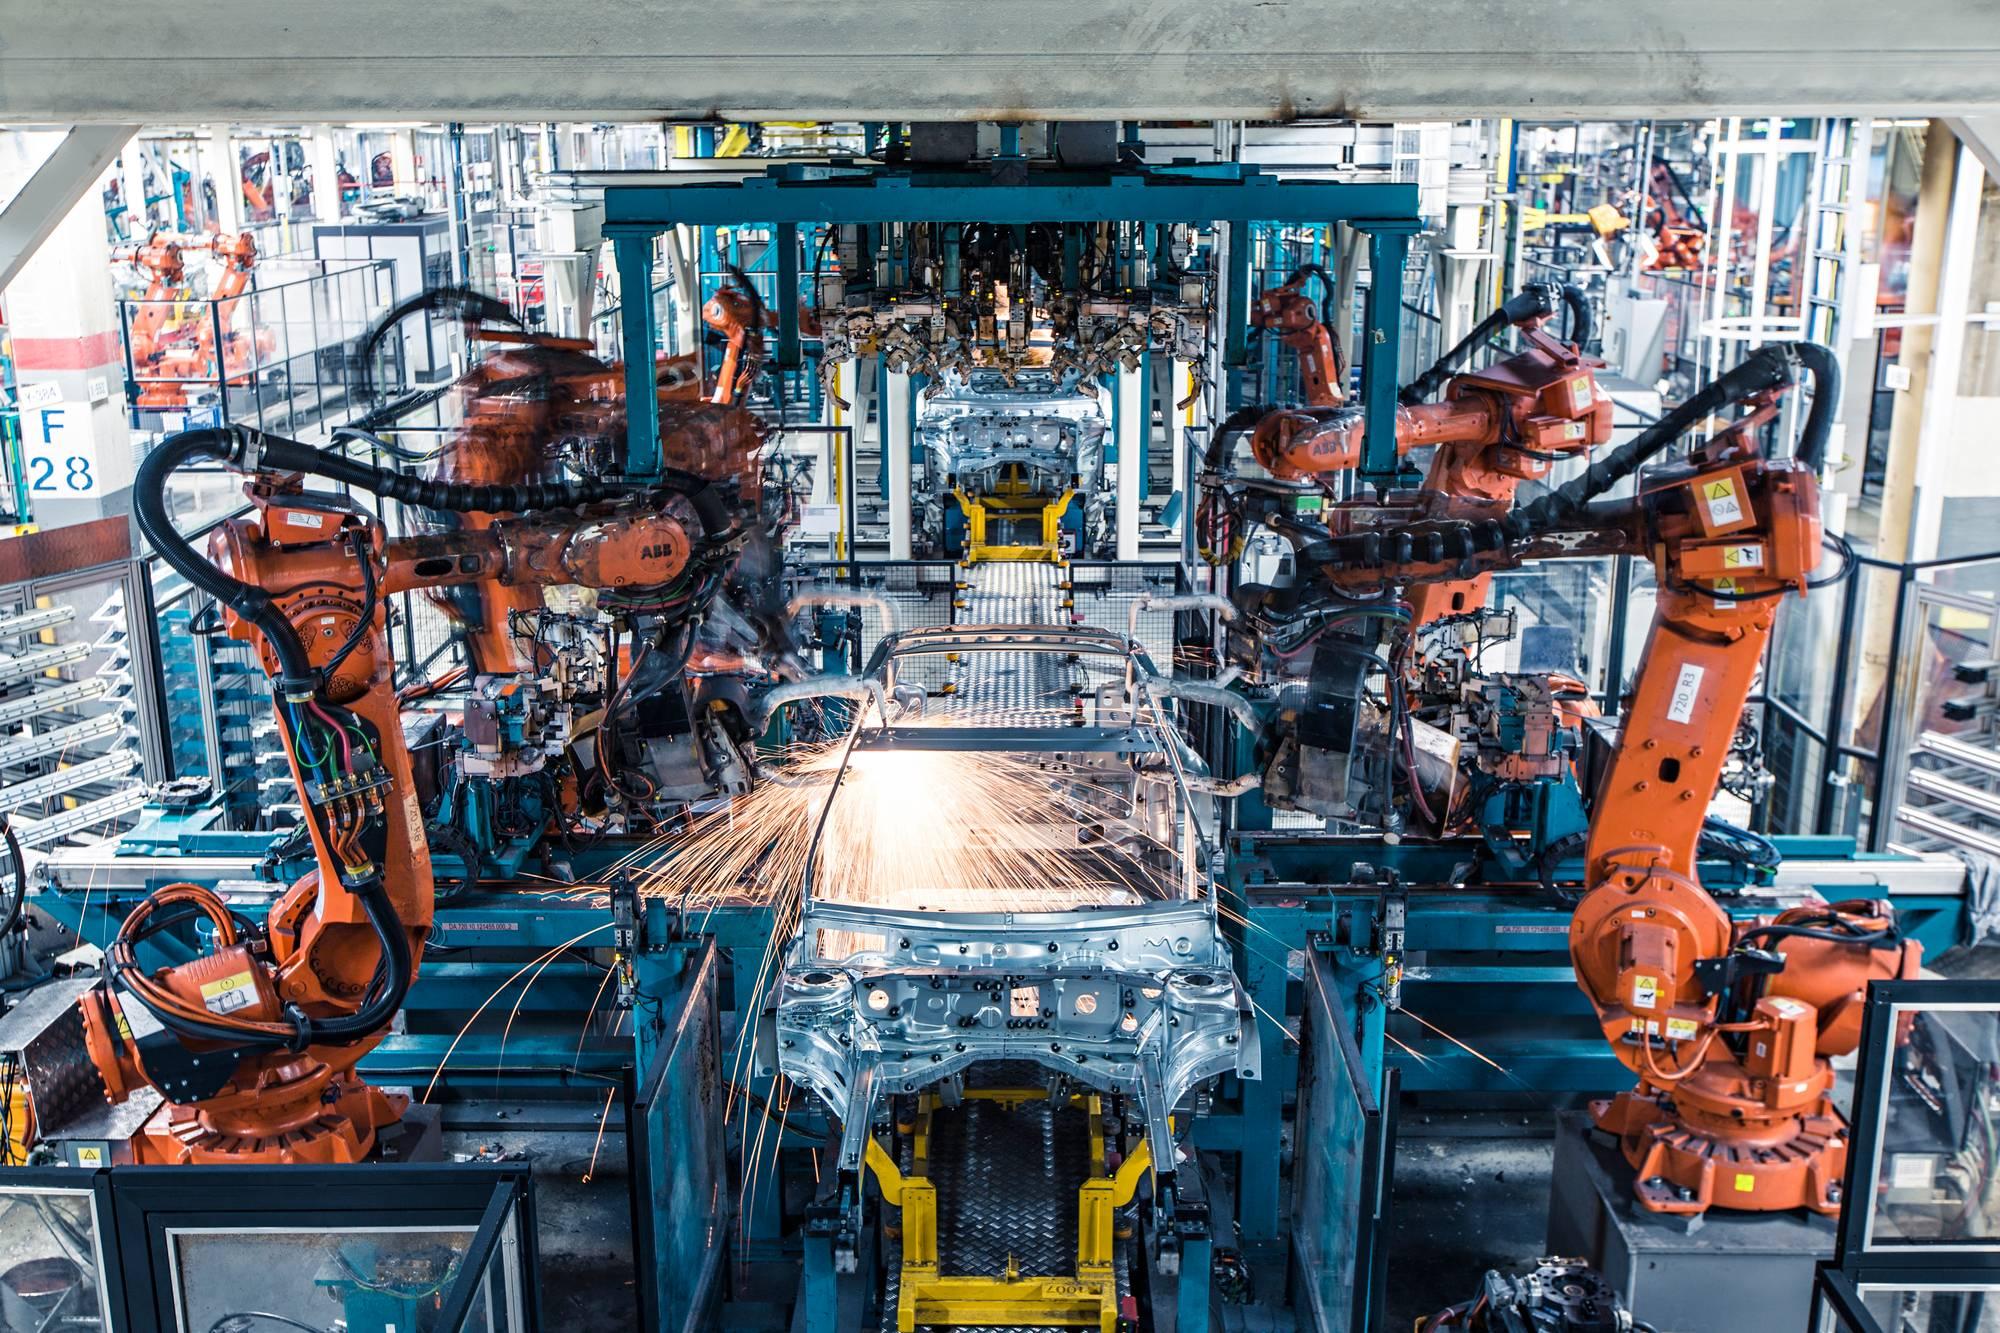 Korilinjan robottiasemalla viisi robottia pistehitsaa kyljet ja kattopalkit kiinni auton koriin.